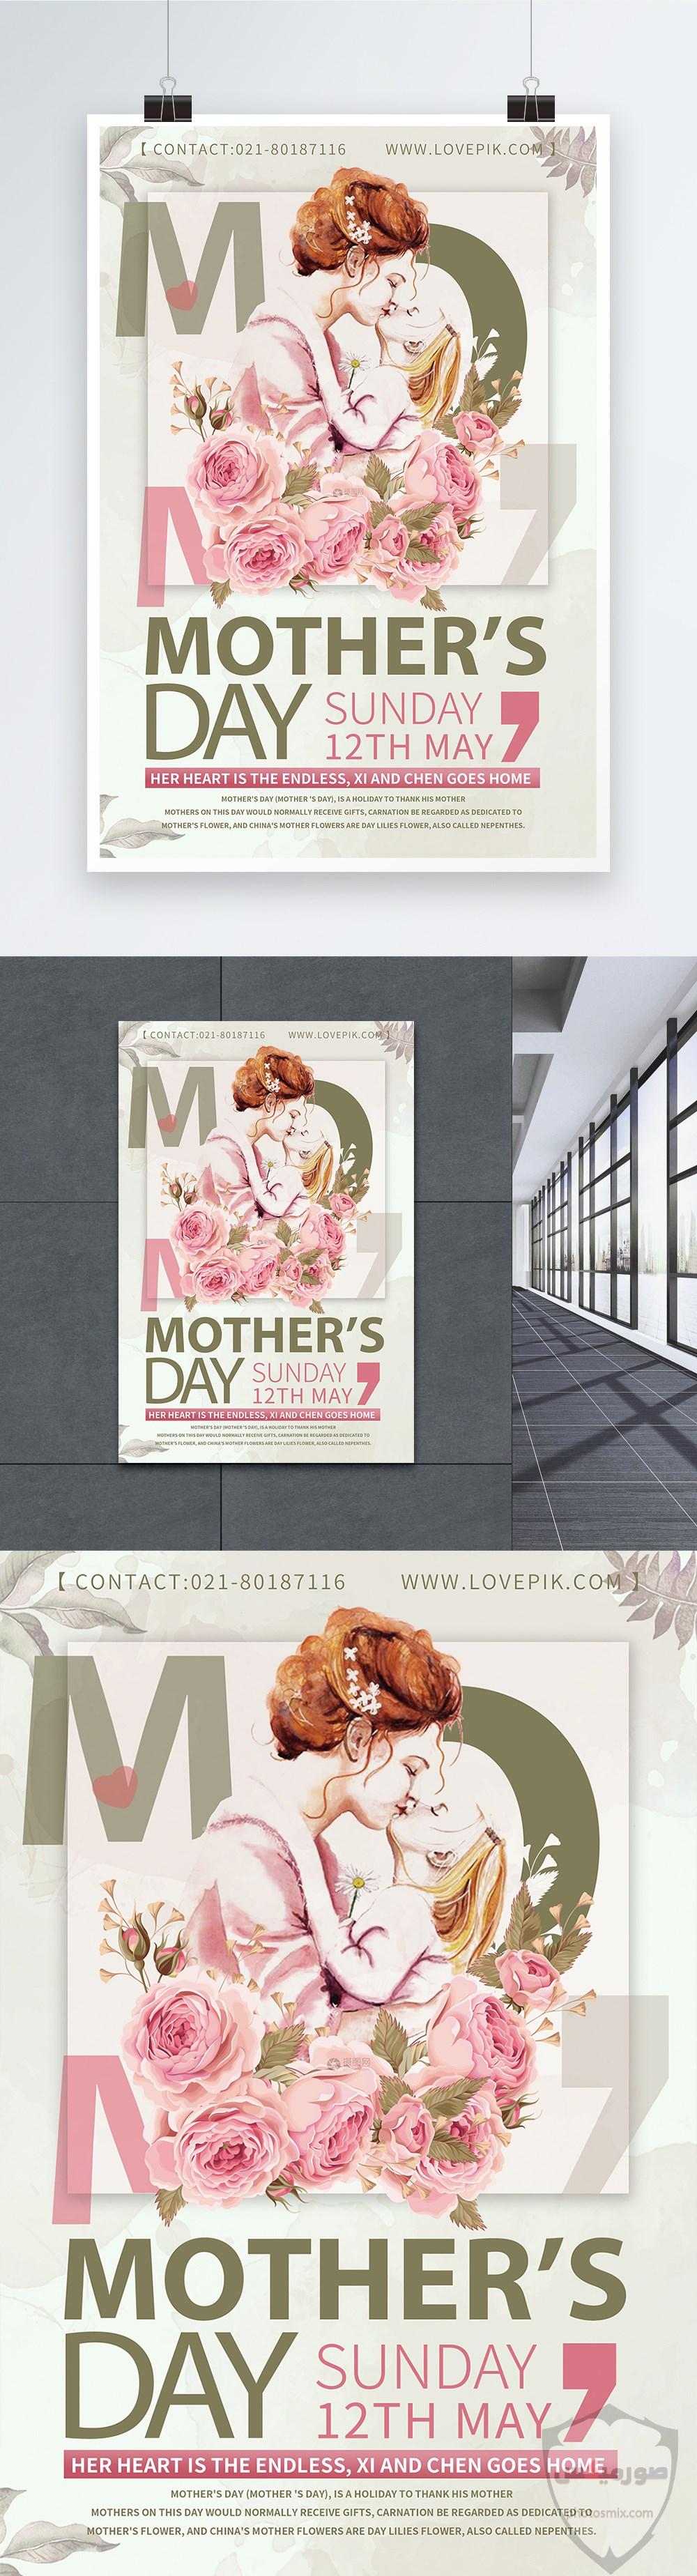 صور عيد الام 2020 أشعار عن الأم يوم الأم رمزيات عن الأم Mother Day 31